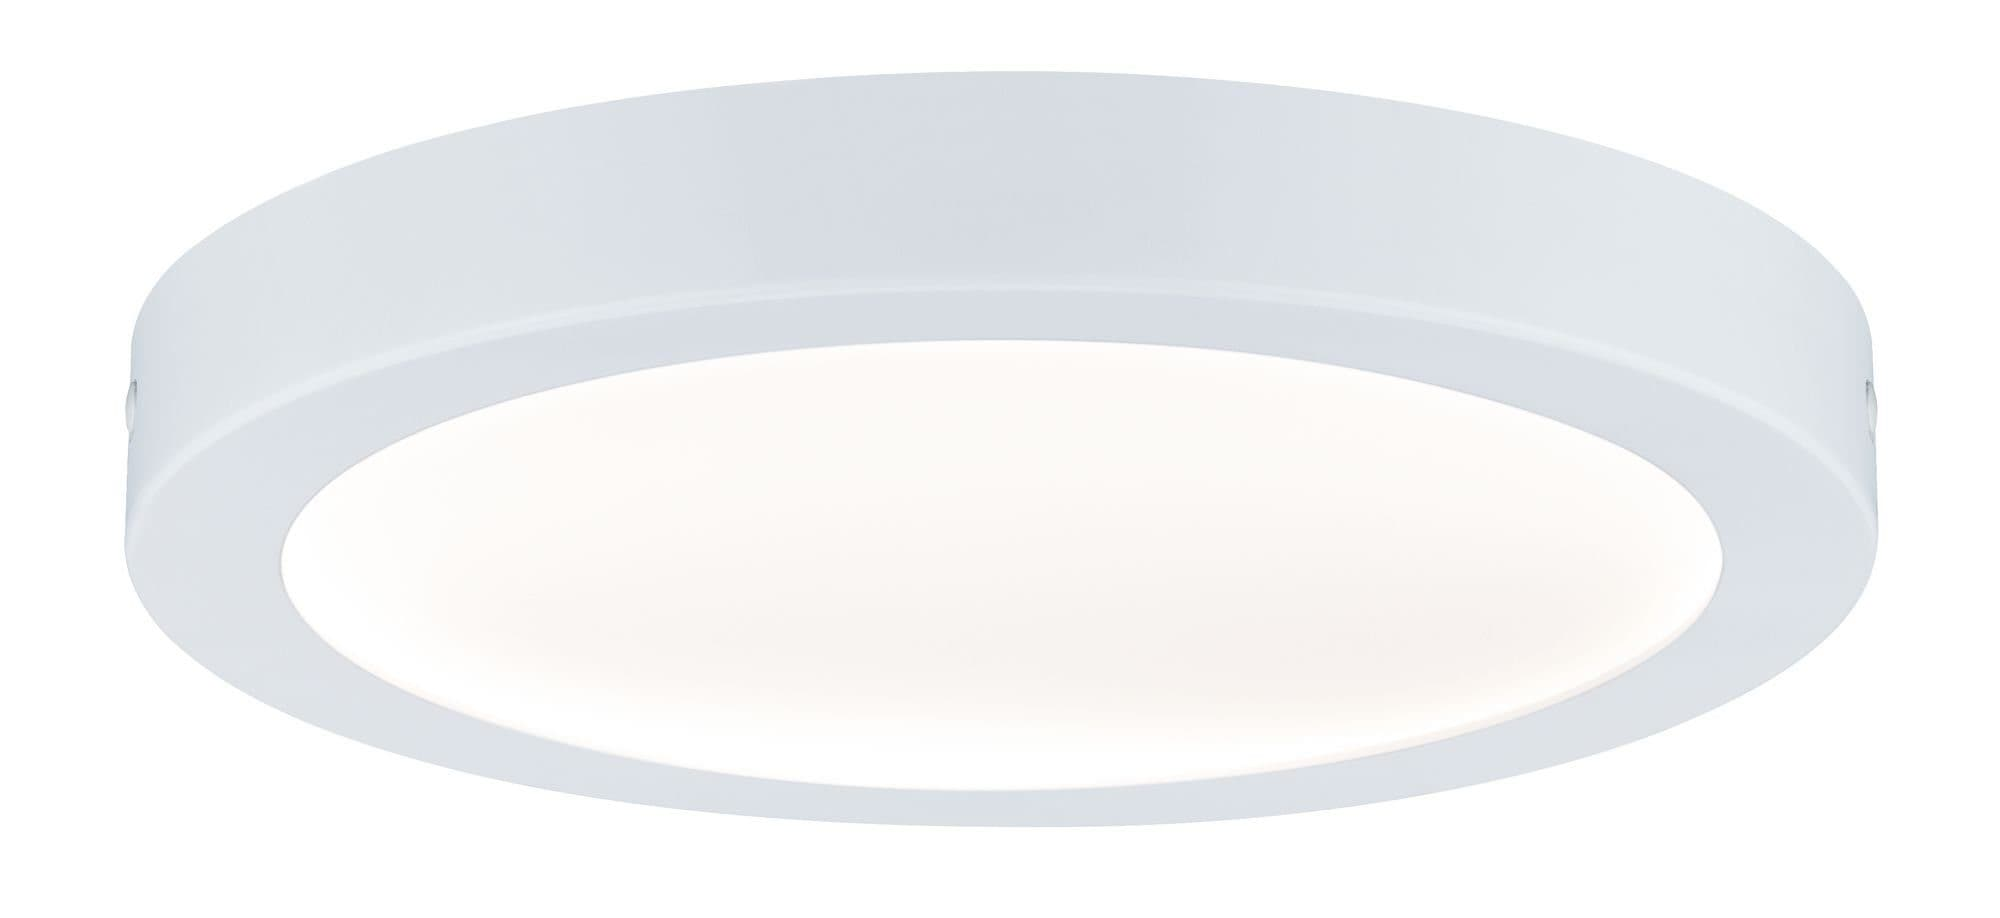 Paulmann LED Deckenleuchte Abia Panel rund 22W Weiß Kunststoff, 1 St., Warmweiß